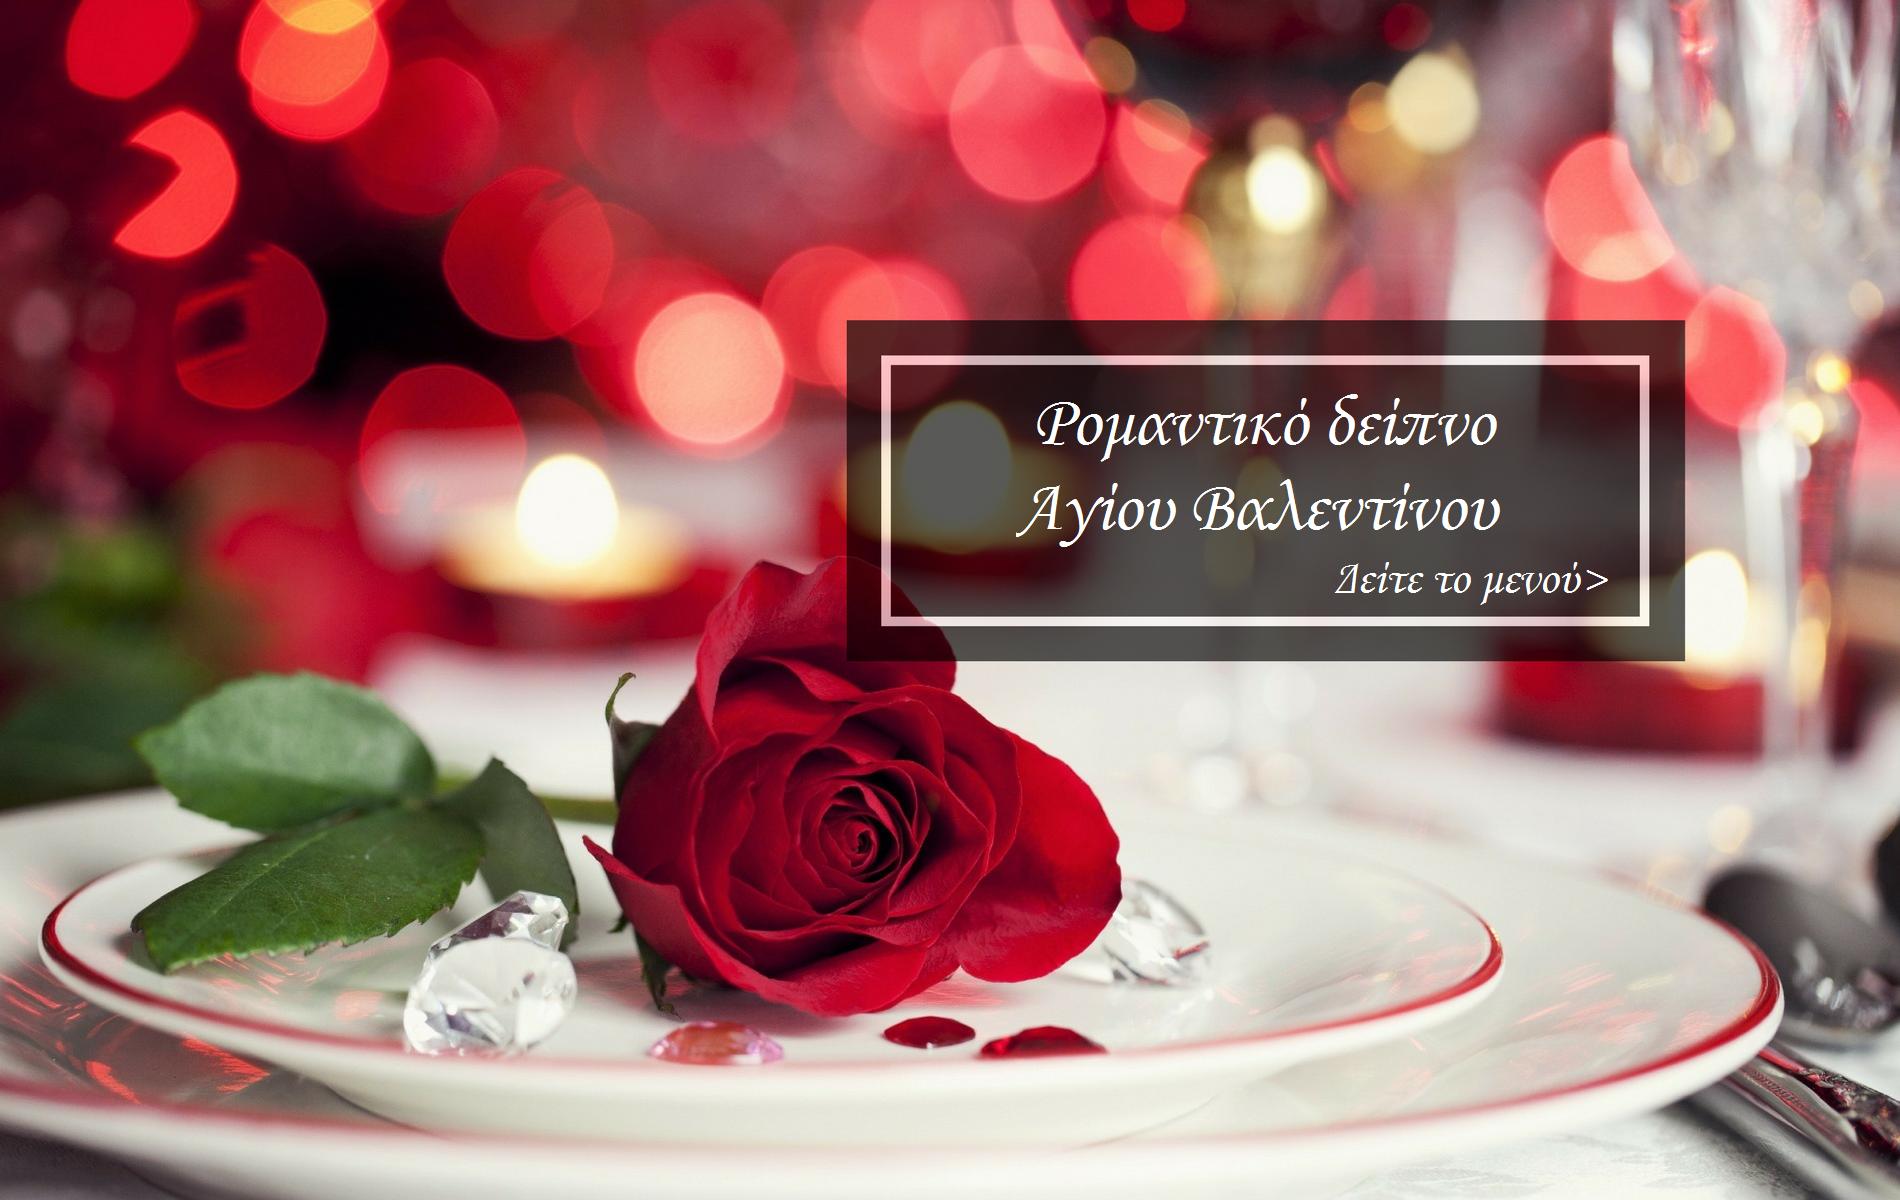 Ρομαντικό Δείπνο Αγίου Βαλεντίνου